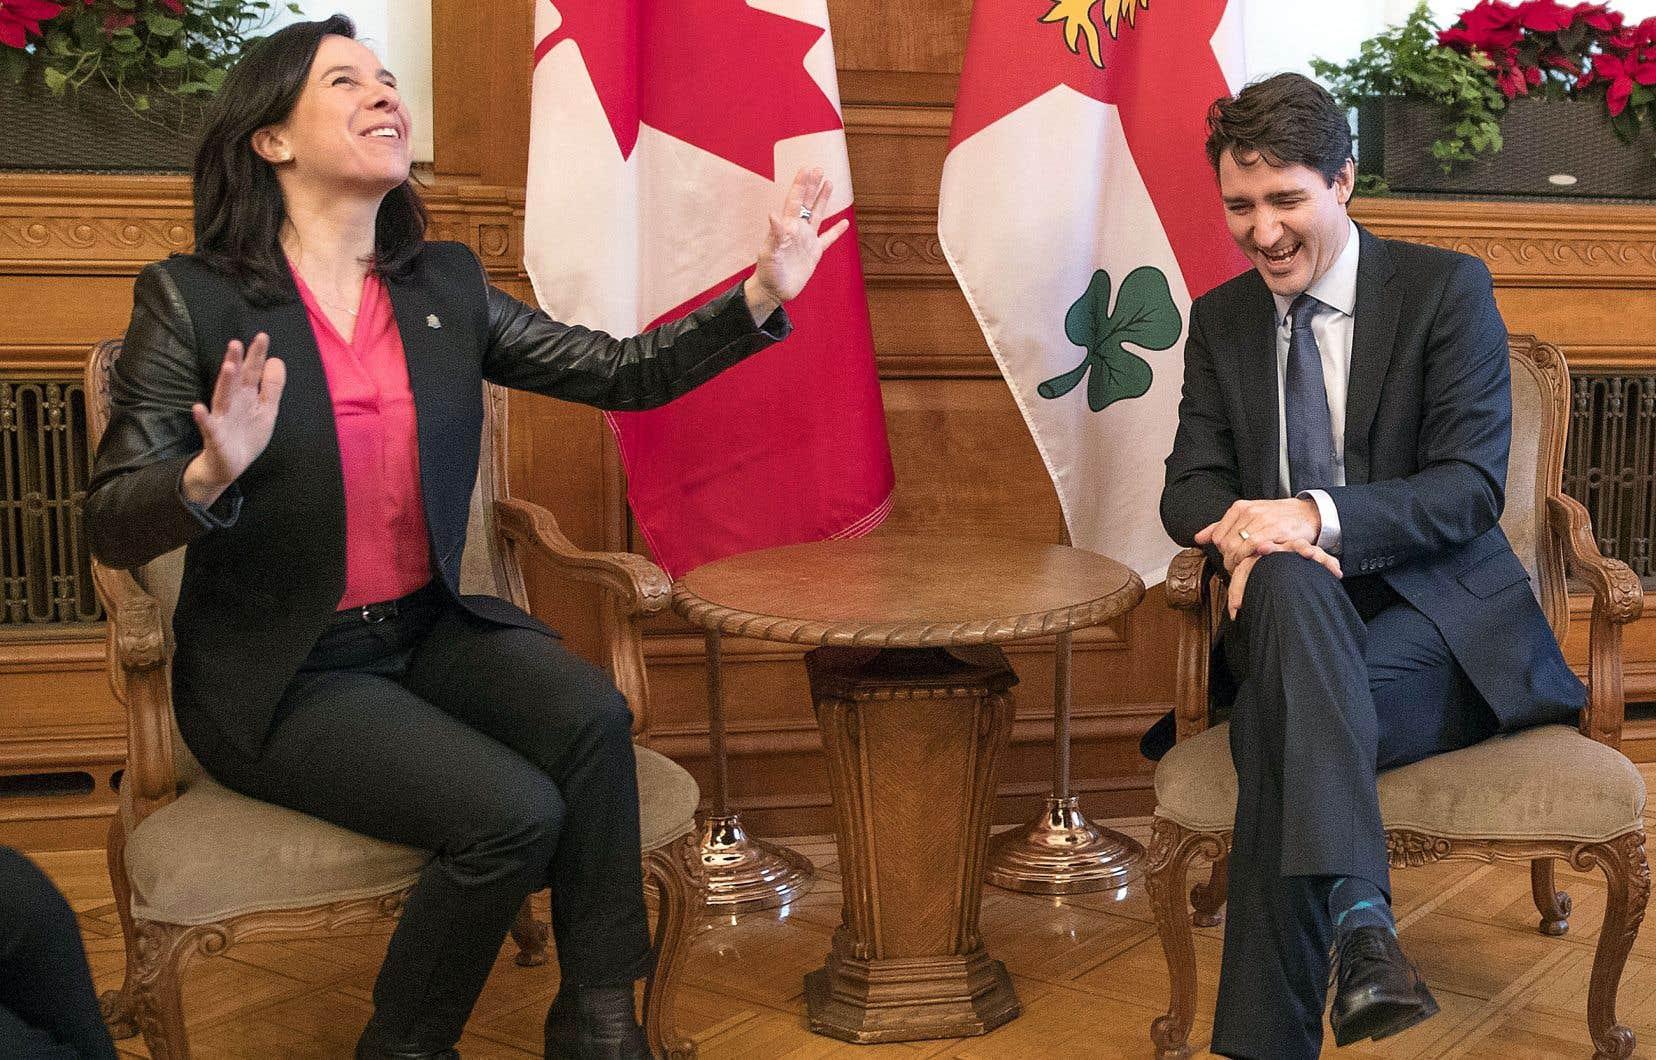 Rencontre entre le premier ministre Justin Trudeau et la mairesse Valérie Plante à l'hôtel de ville de Montréal, en décembre dernier. Derrière eux trônent les drapeaux canadien et montréalais, mais celui du Québec est absent.